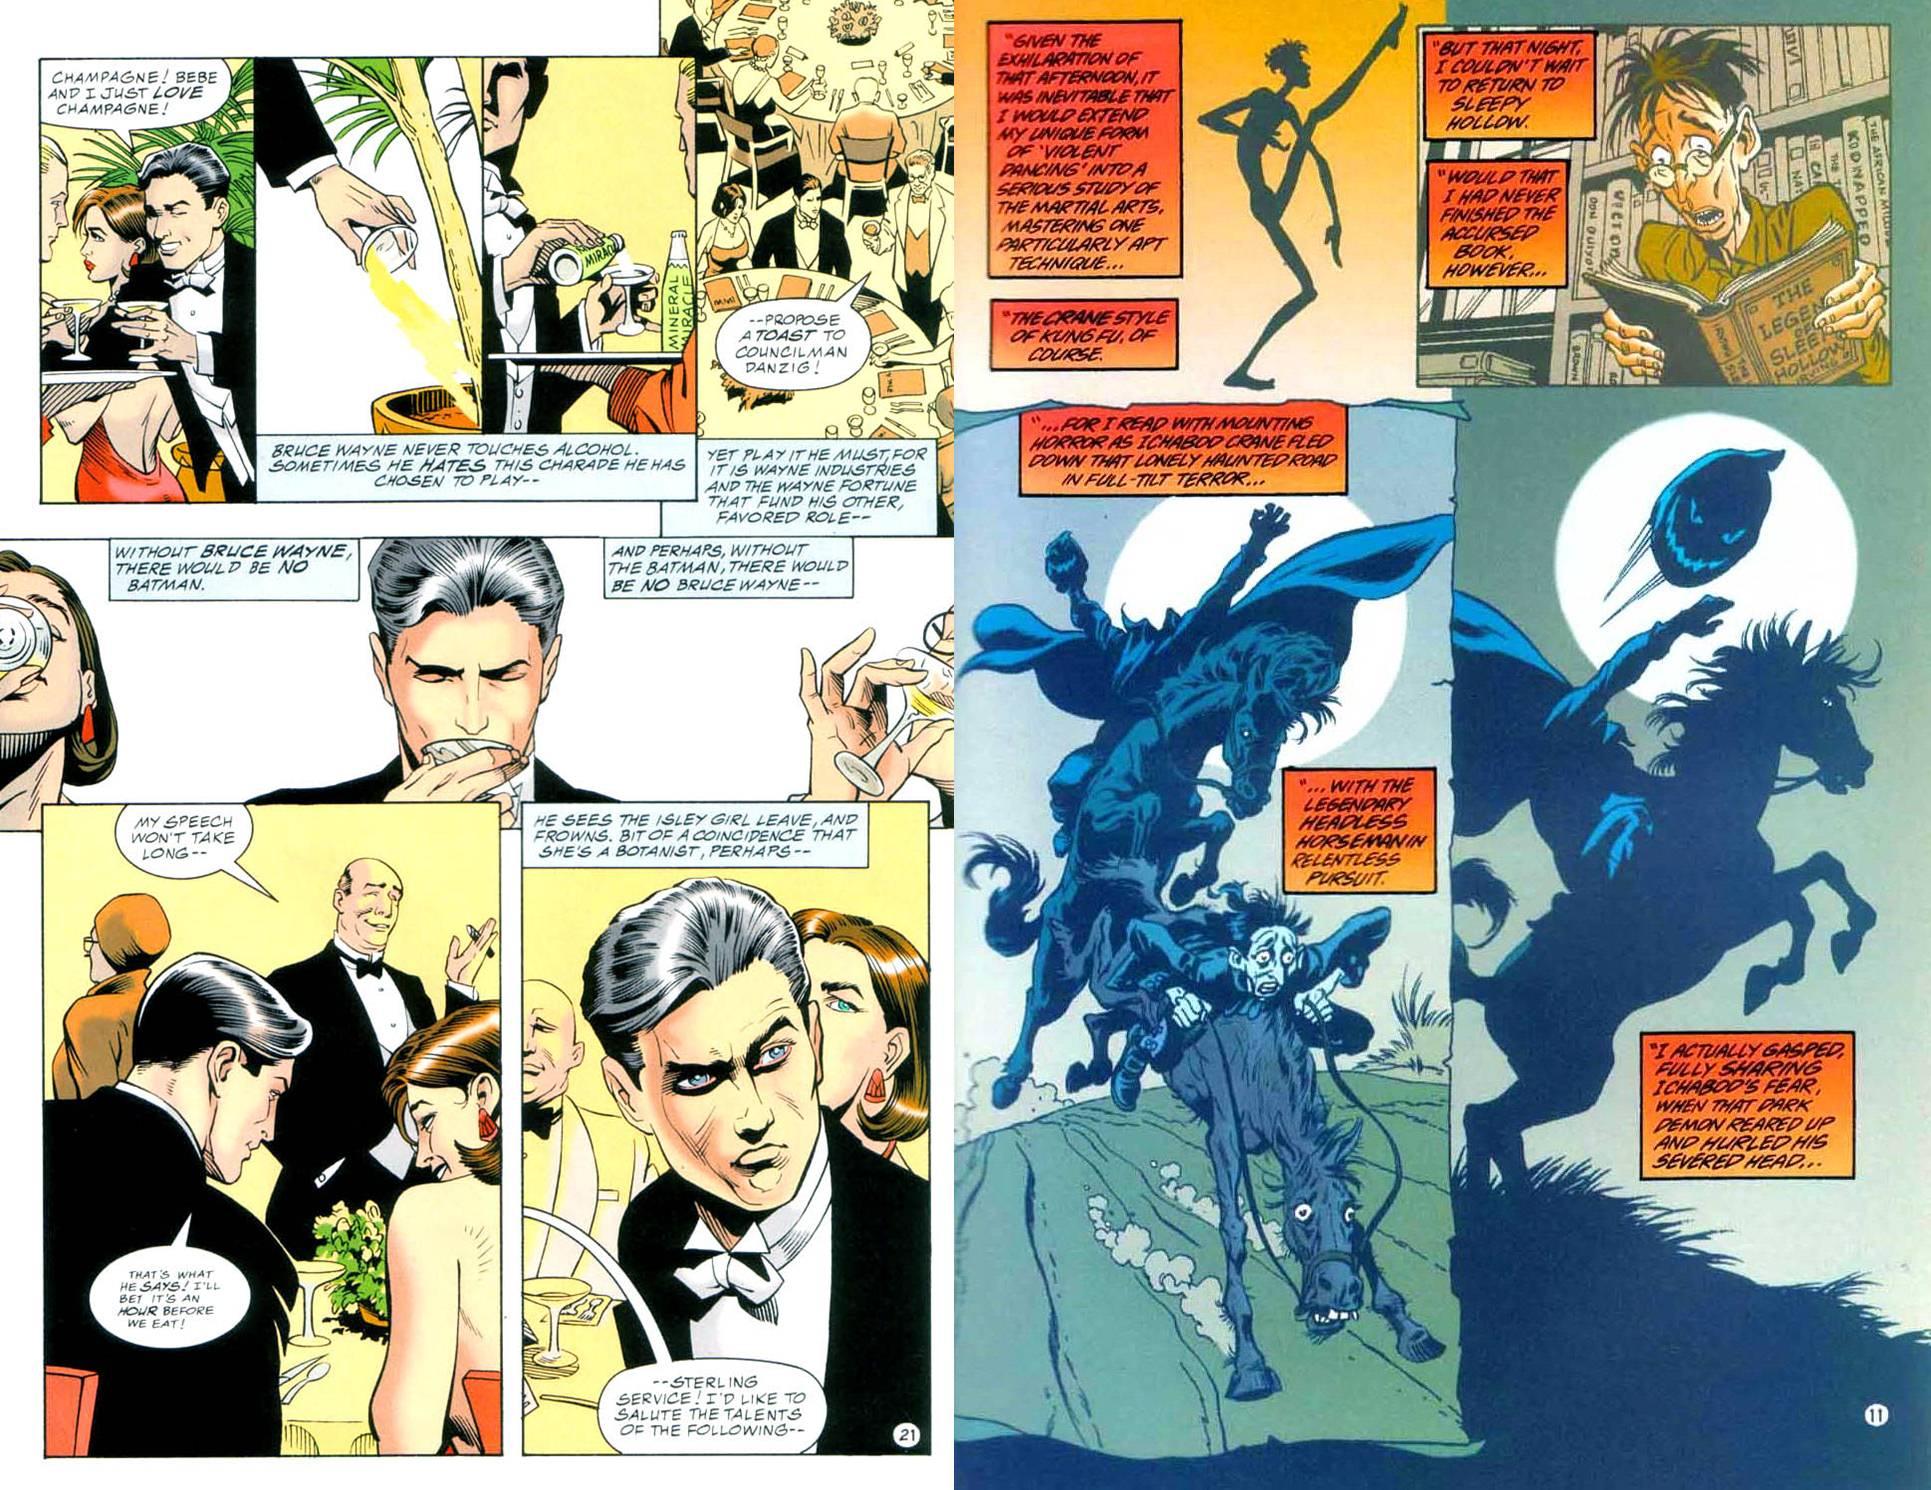 Batman Four of a Kind review